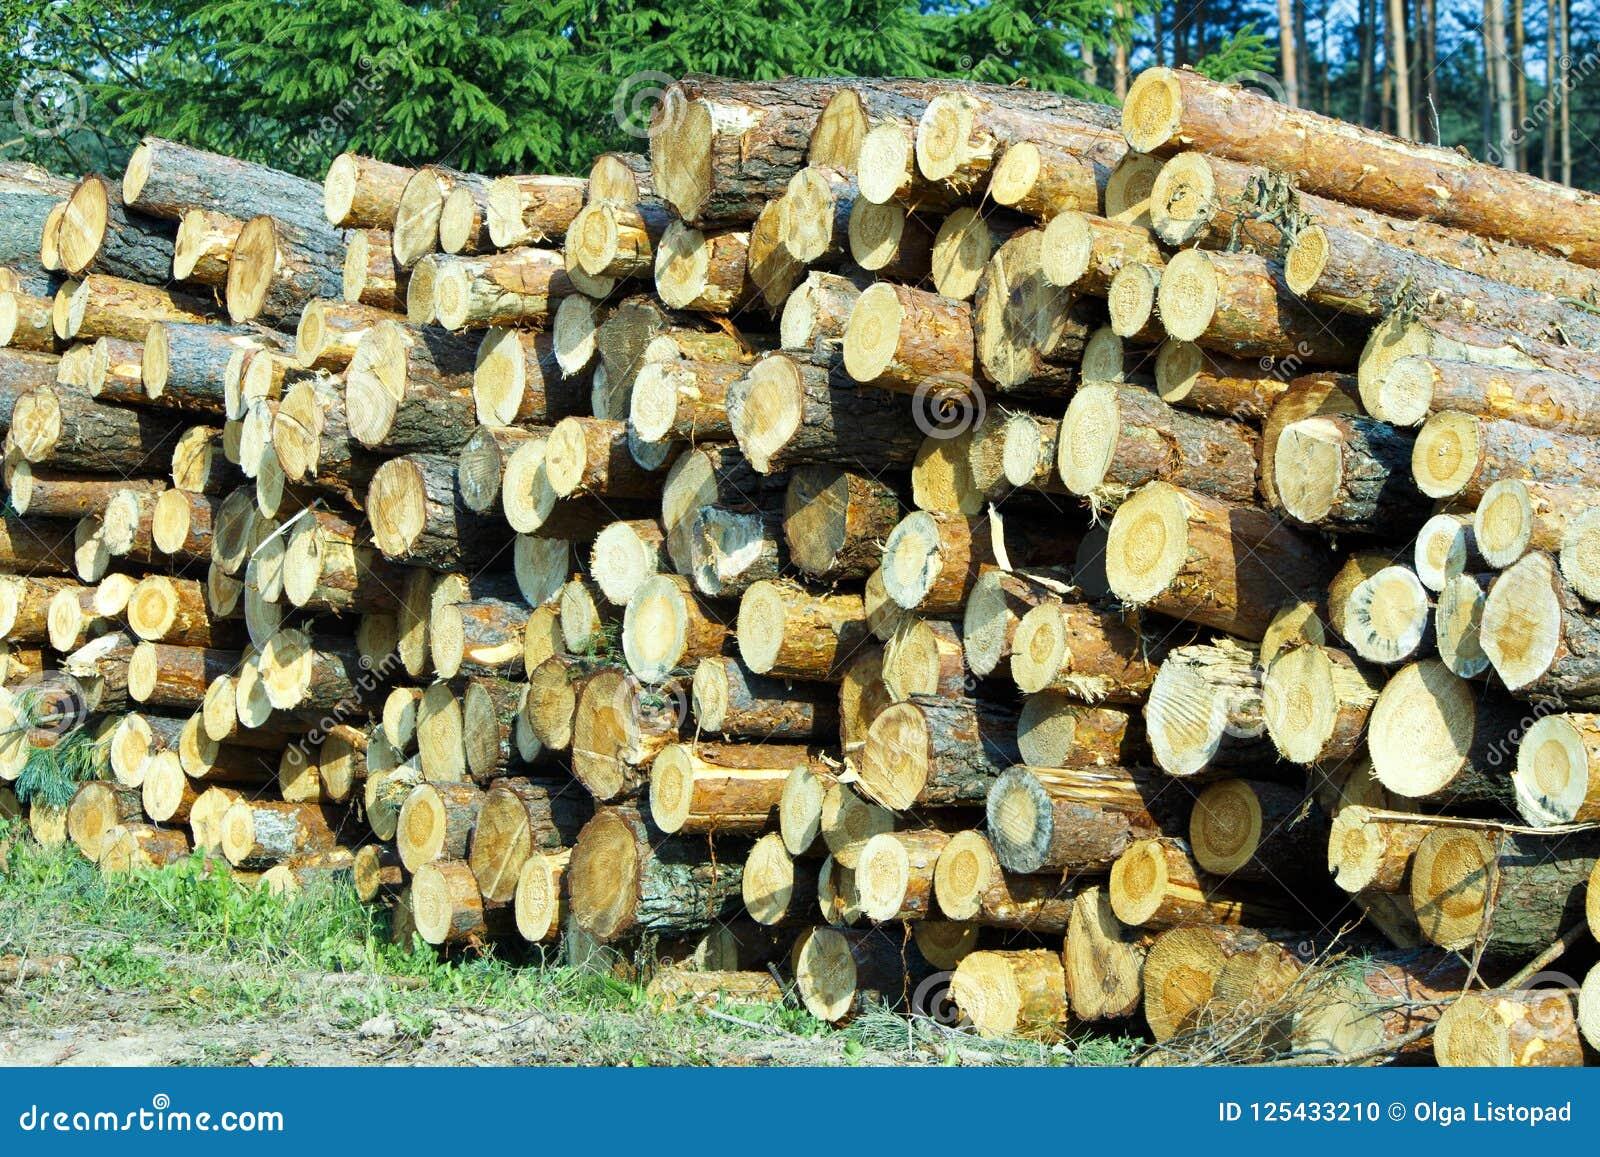 Rondins en bois des bois de pin dans les rondins fraîchement coupés d arbre de forêt empilés sur l un l autre dans une pile